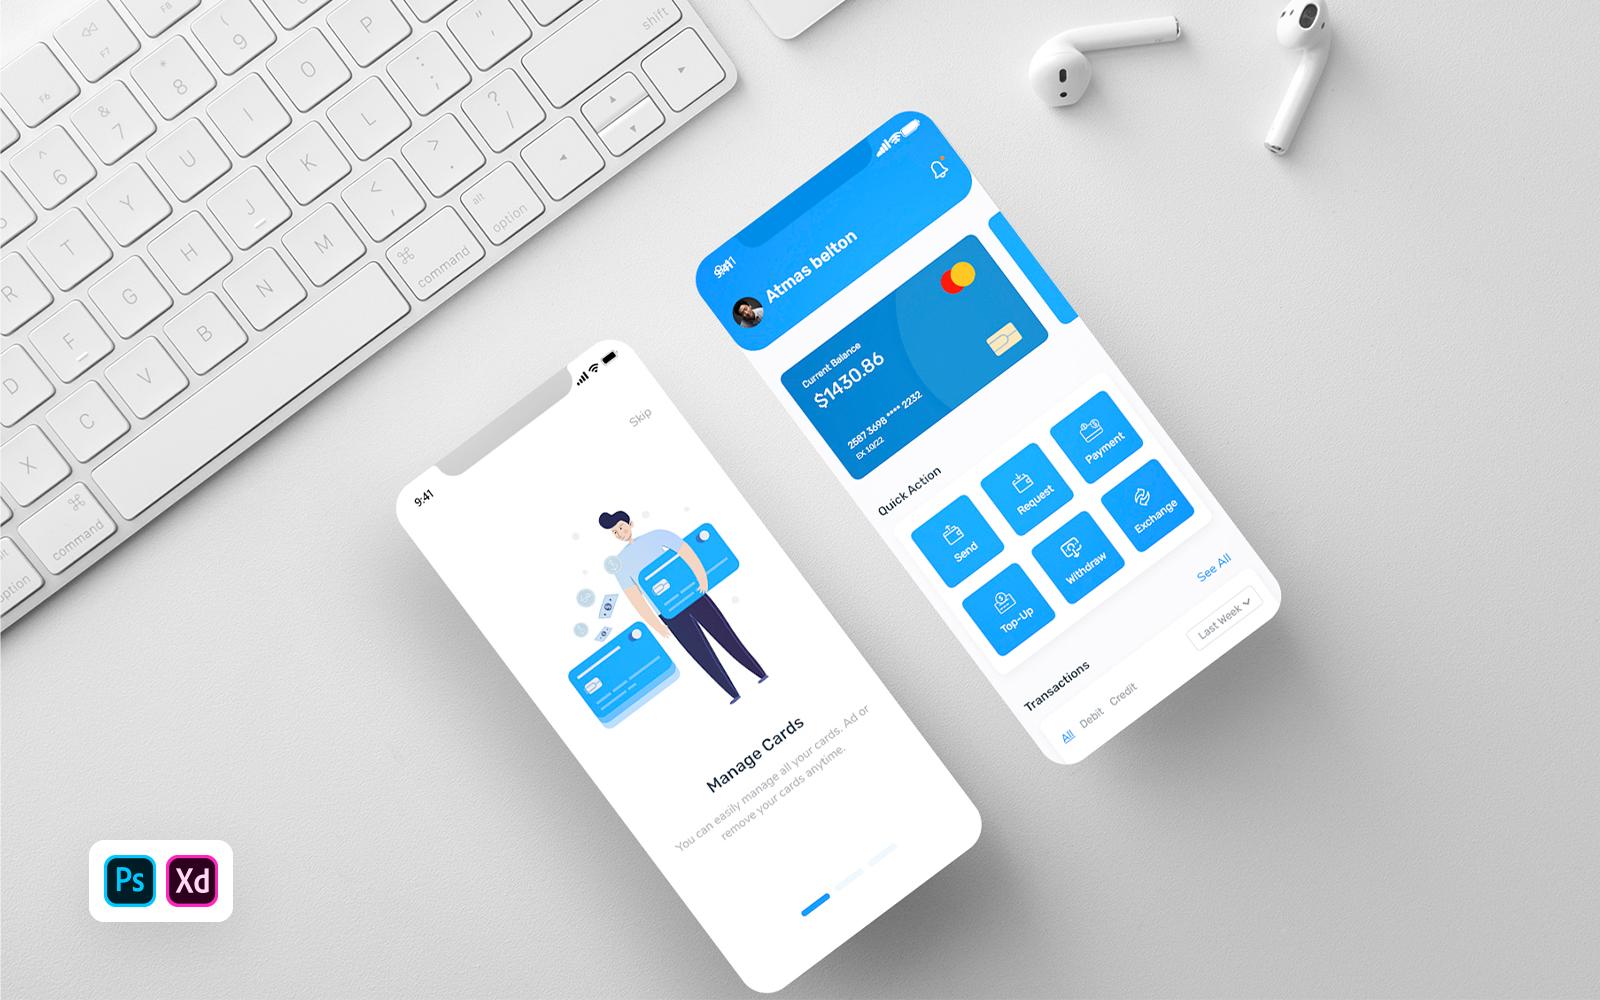 Financen - Mobile Banking App UI Elements